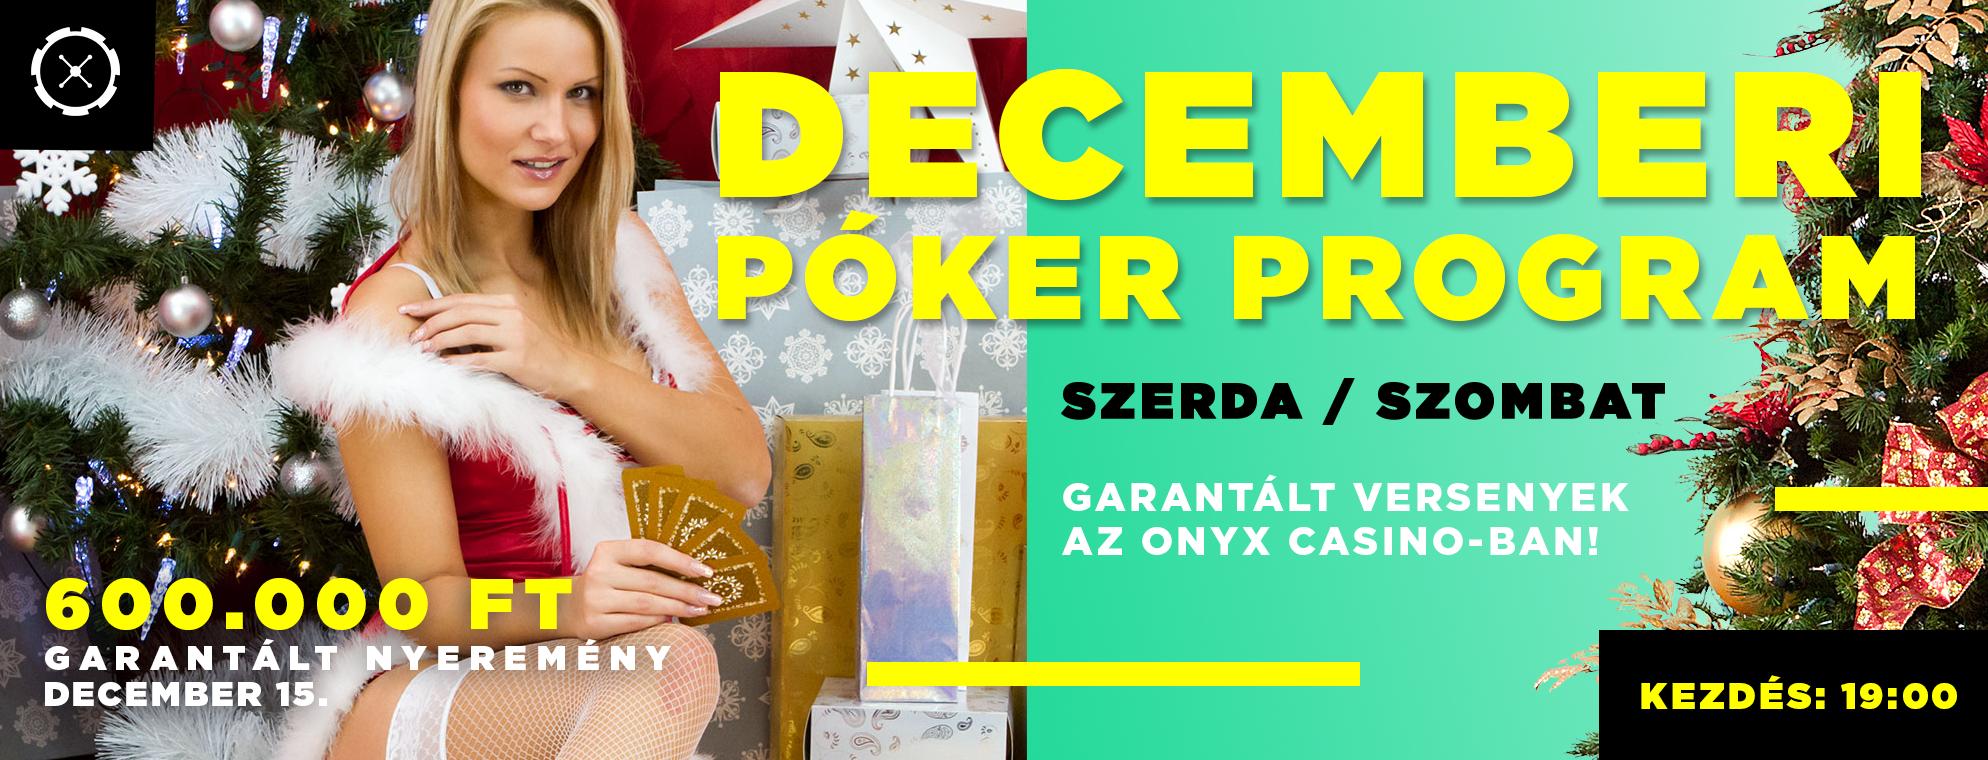 onyxcasino_decemberi_poker_webslide_alap_2018_11_29_06